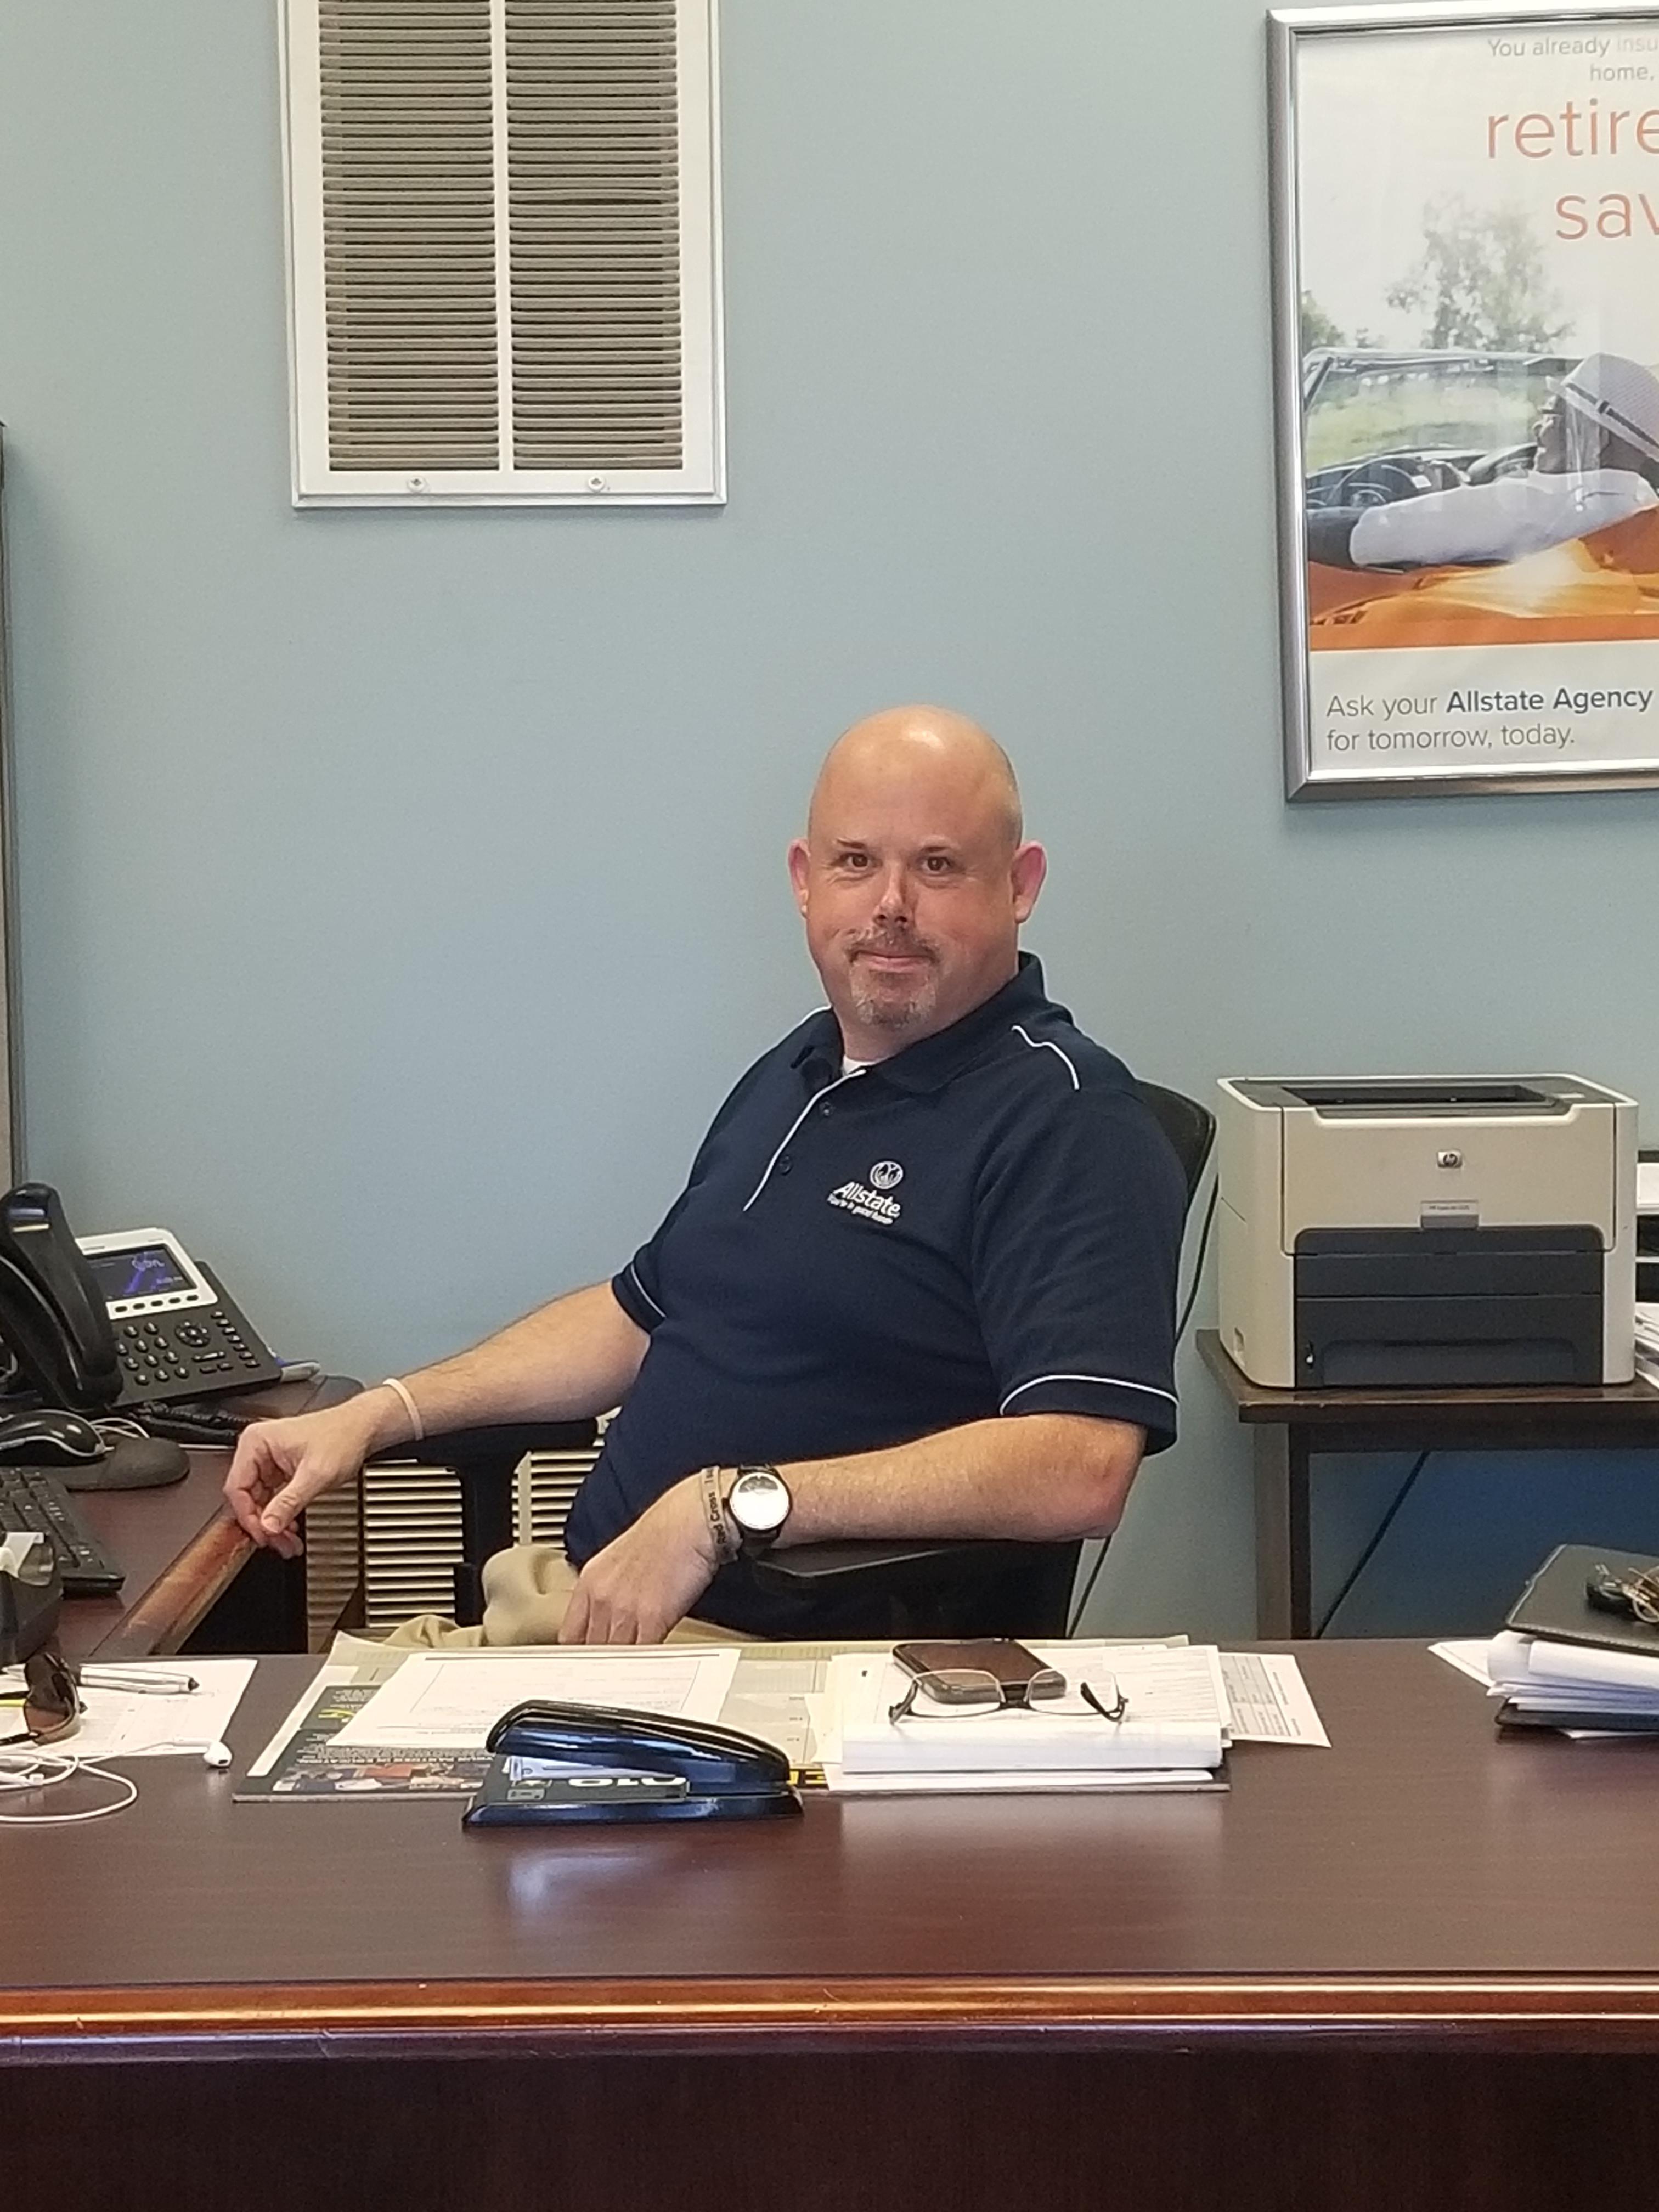 Mark Harrington: Allstate Insurance